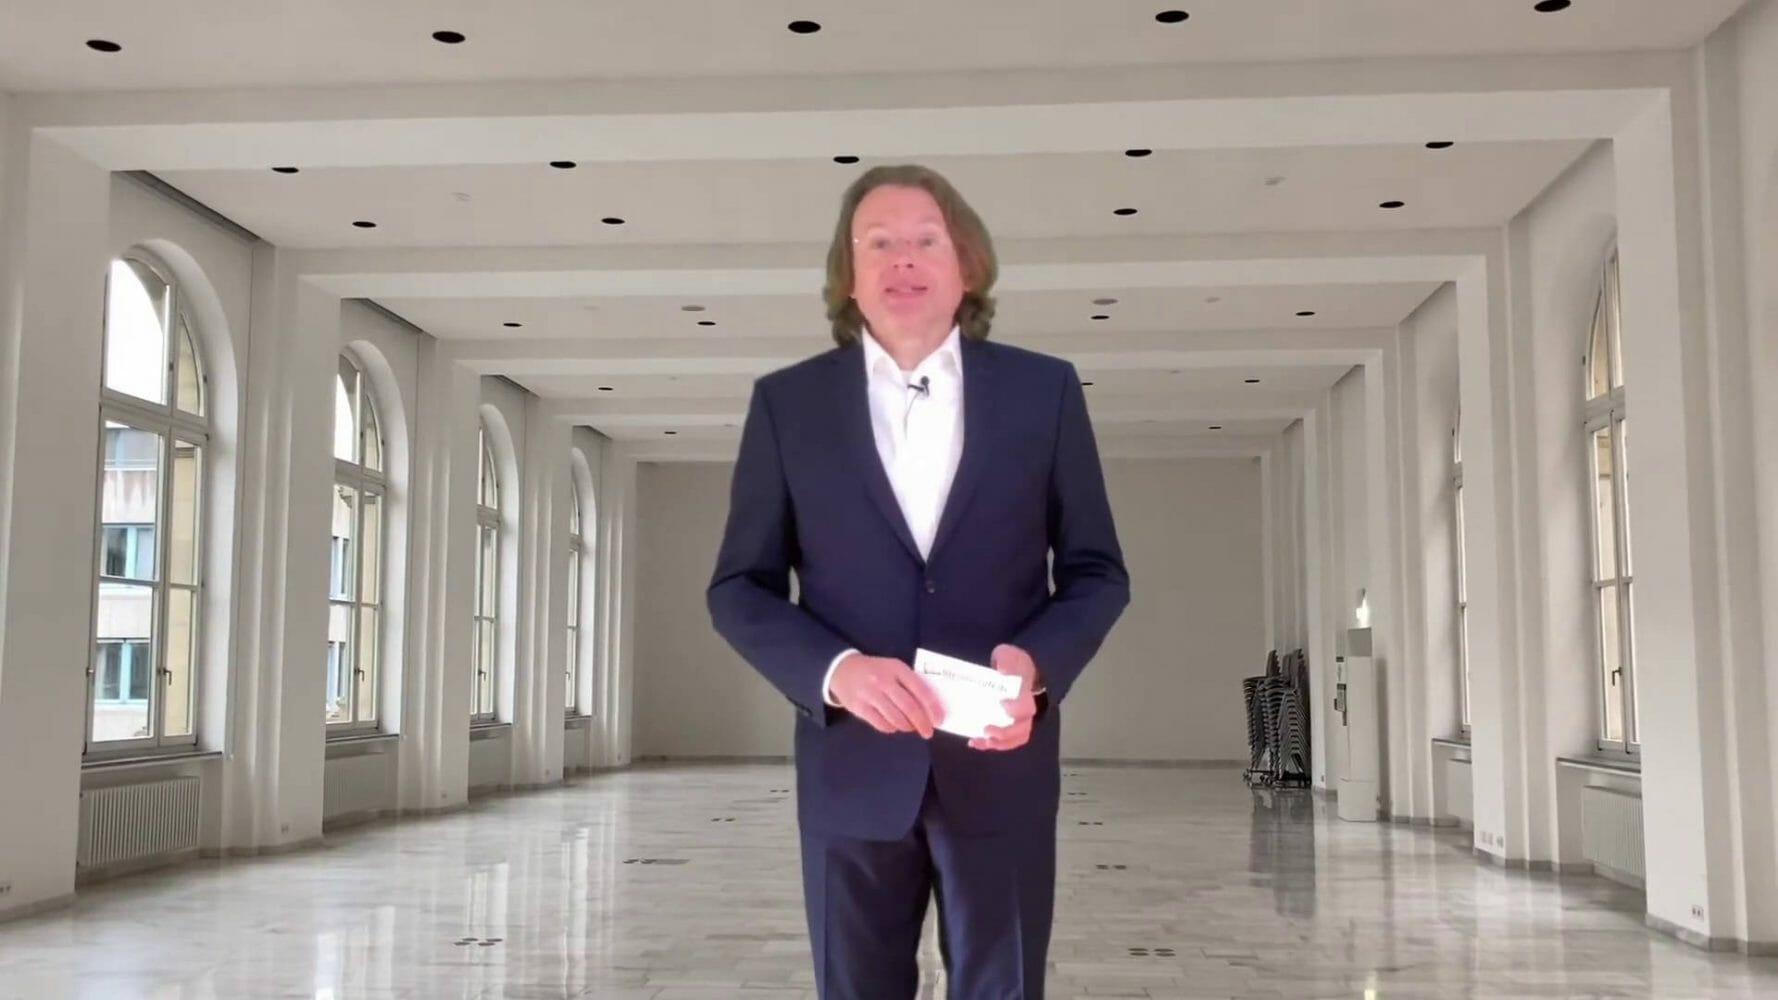 Anmoderation im Virtuellen: Wolfgang Tischer im leeren Max-Eyth-Saal des Stuttgarter Haus der Wirtschaft. Hier finden die Buchwochen normalerweise statt.